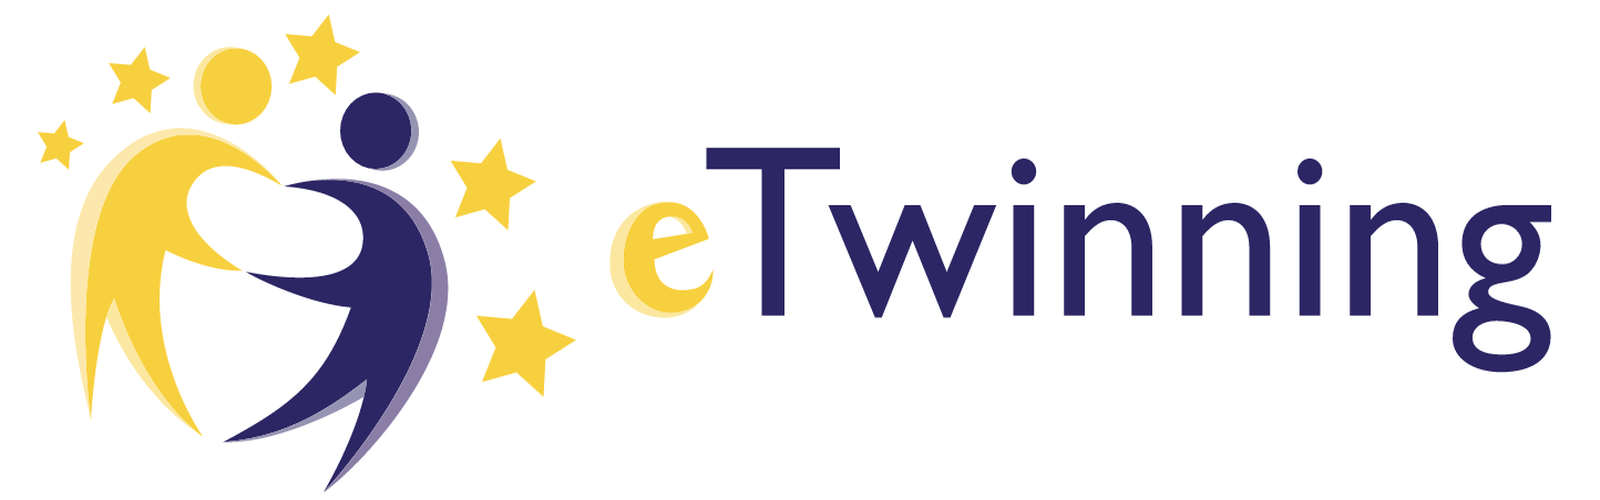 Logo projektu - eTwinning